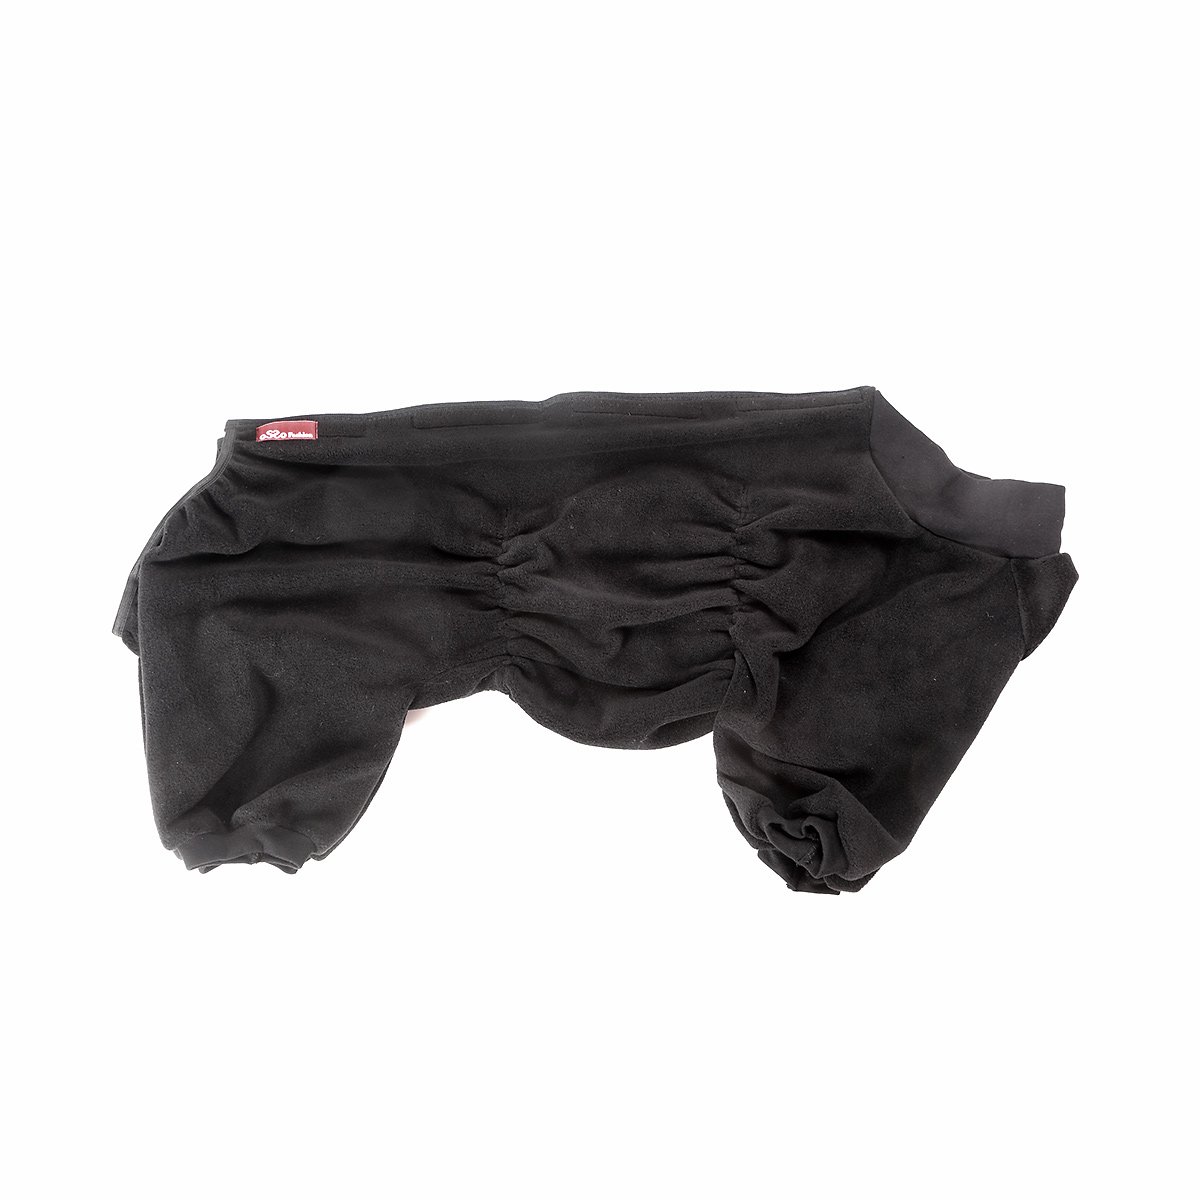 Комбинезон для собак OSSO Fashion, для мальчика, цвет: графит. Размер 50DM-140537_оранжевыйКомбинезон для собак OSSO Fashion выполнен из флиса. Комфортная посадка по корпусу достигается за счет резинок-утяжек под грудью и животом. На воротнике имеются завязки, для дополнительной фиксации. Можно носить самостоятельно и как поддевку под комбинезон для собак. Изделие отлично стирается, быстро сохнет.Длина спинки: 50 см.Объем груди: 58-82 см.